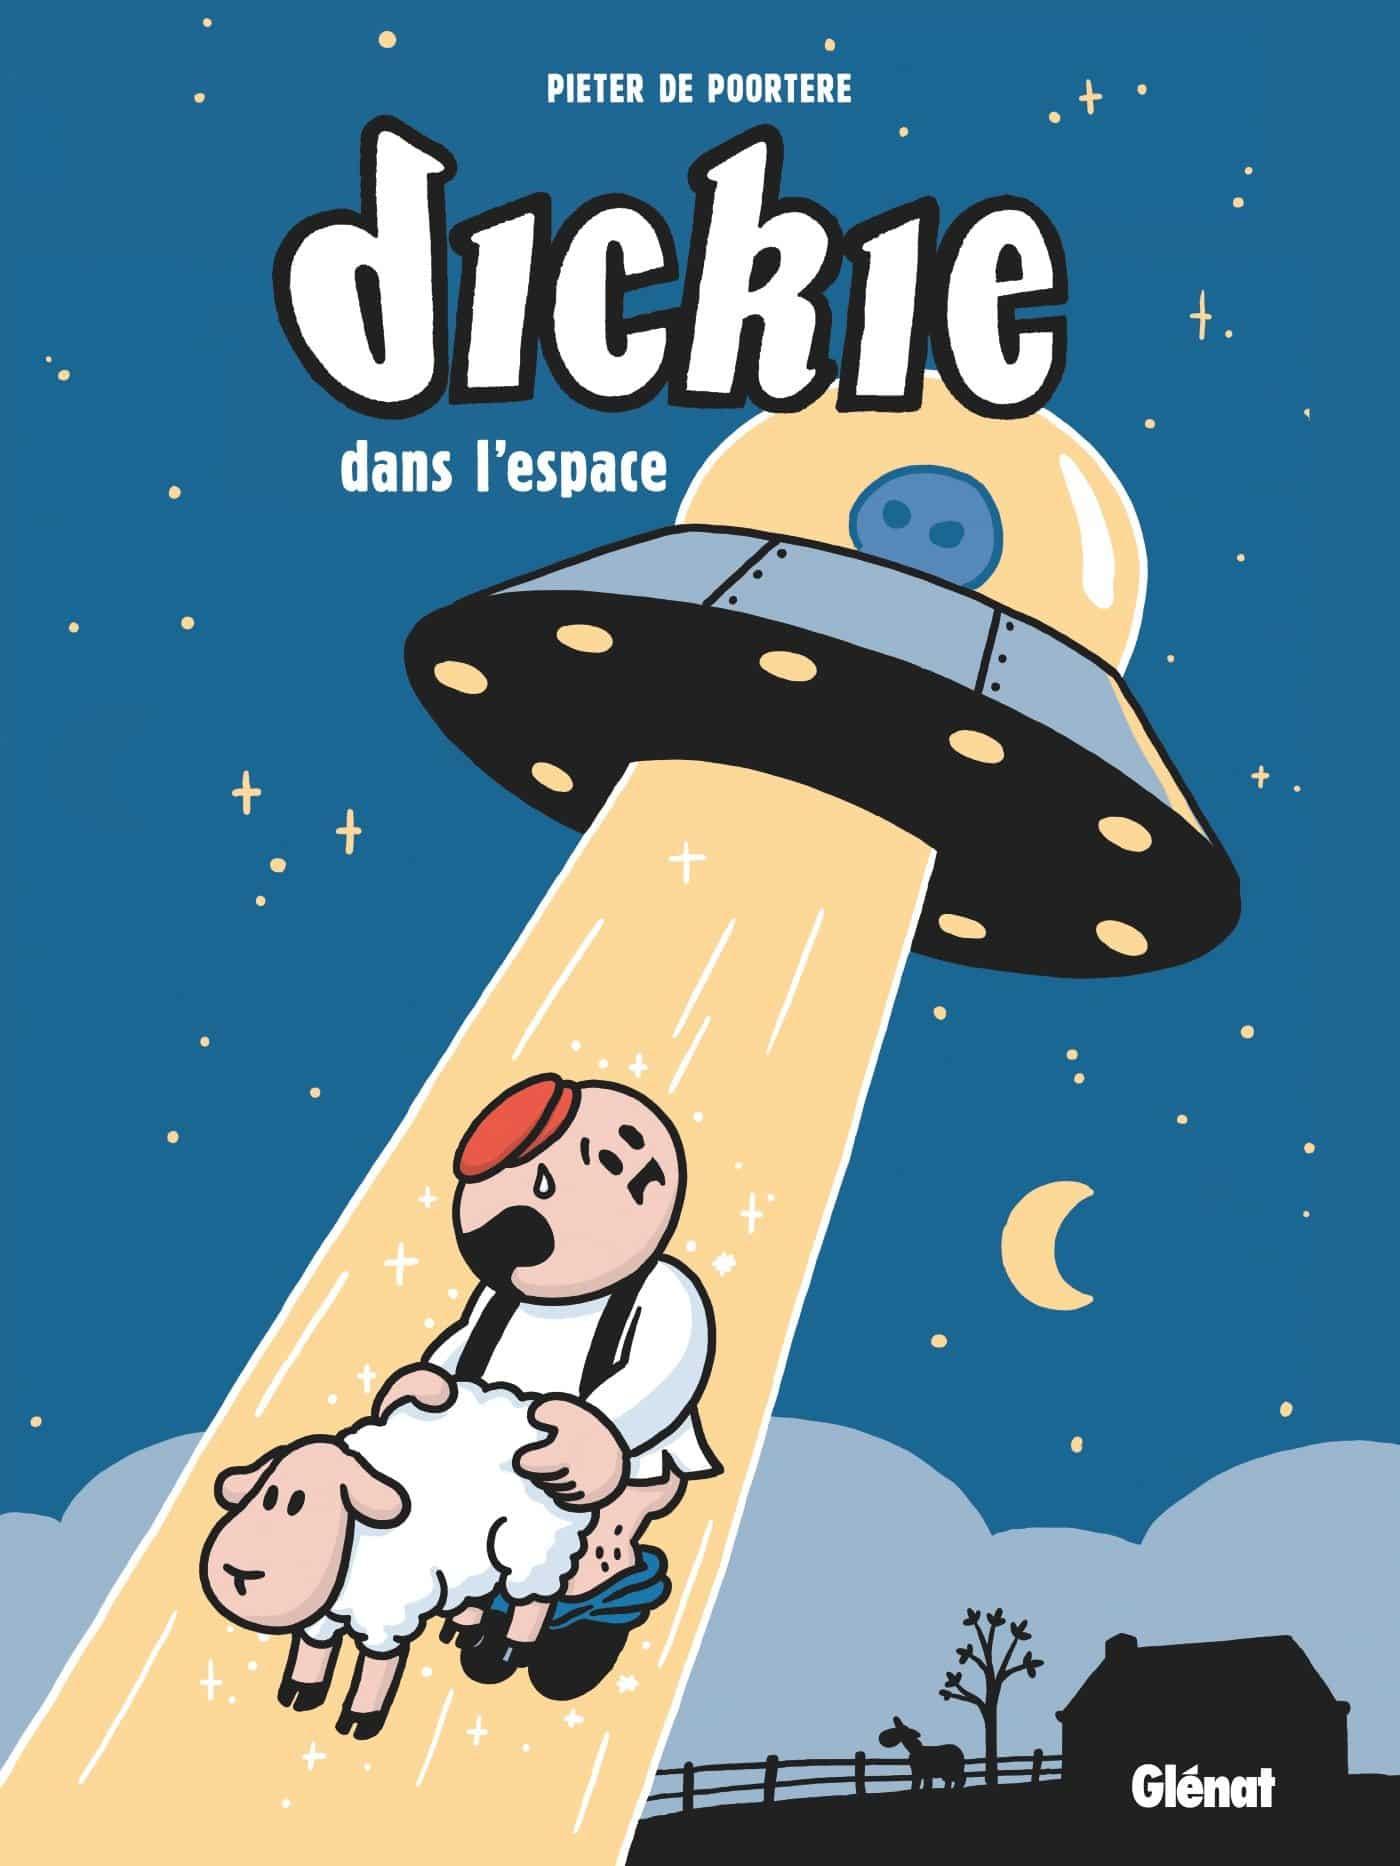 Dickie dans l'espace, on peut s'attendre à tout